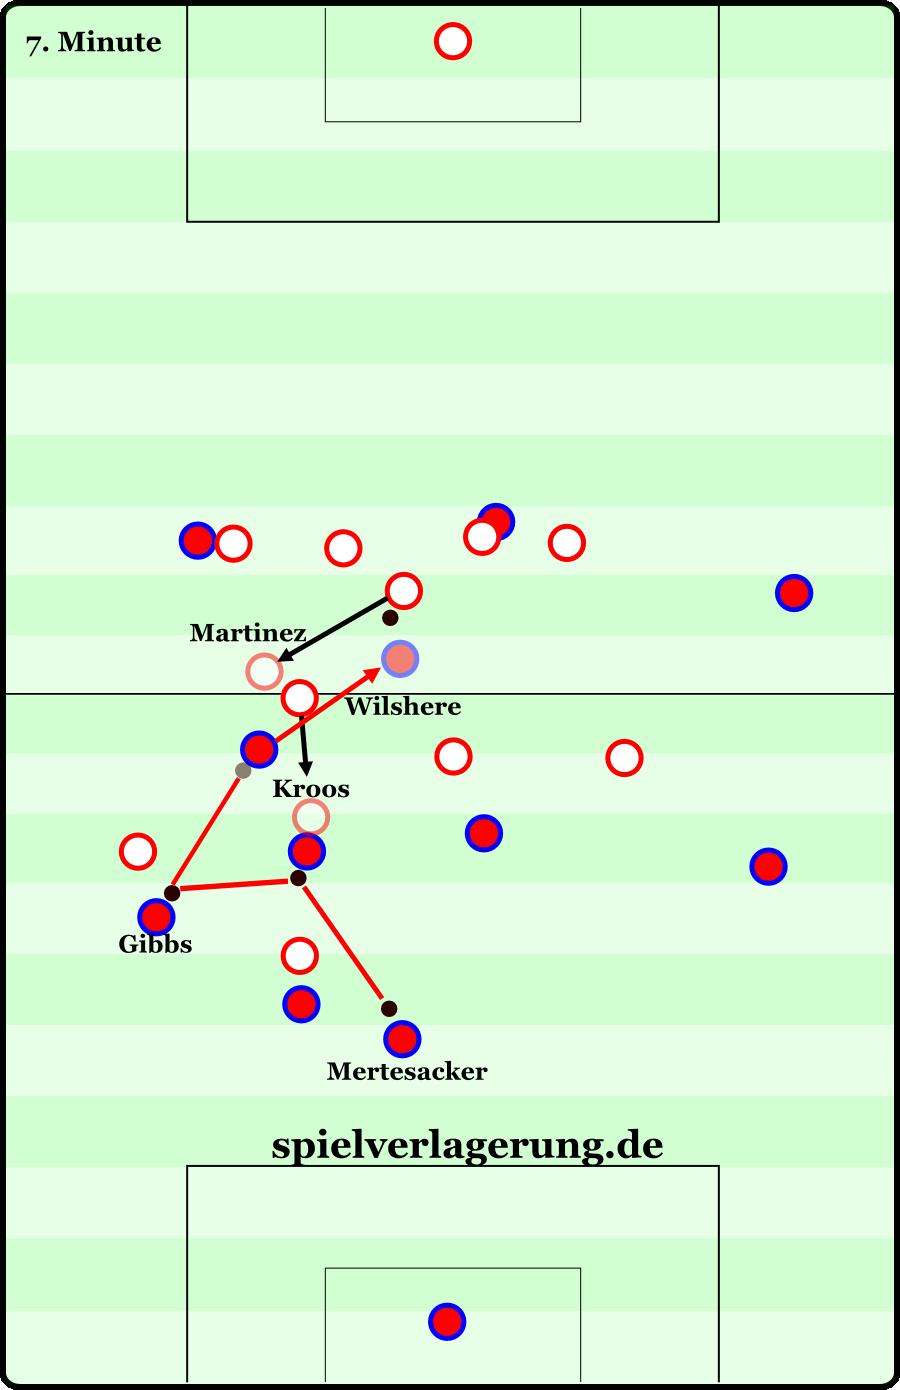 Die Grundordnungen beider Teams zu Beginn der Szene ist mit den vollen Punkten dargestellt – das 4-1-1-3-1 der Bayern ist sehr gut erkennbar. Mertesacker baut mit einem Pass auf Flamini auf. Dieser zieht Kroos aus der Formation. Sofort startet Arsenal ein direktes Dreiecksspiel: Flamini passt auf Gibbs, der spielt sofort weiter auf den hinter Kroos freistehenden Wilshere. Martinez verlässt erst sehr spät seine Position, sodass Wilshere mit einer einfachen Drehung an ihm vorbeiziehen kann und jede Menge Raum vor sich hat. Die Szene endet mit einem Pass auf Özil (Linksaußen), der den Elfmeter herausholt.